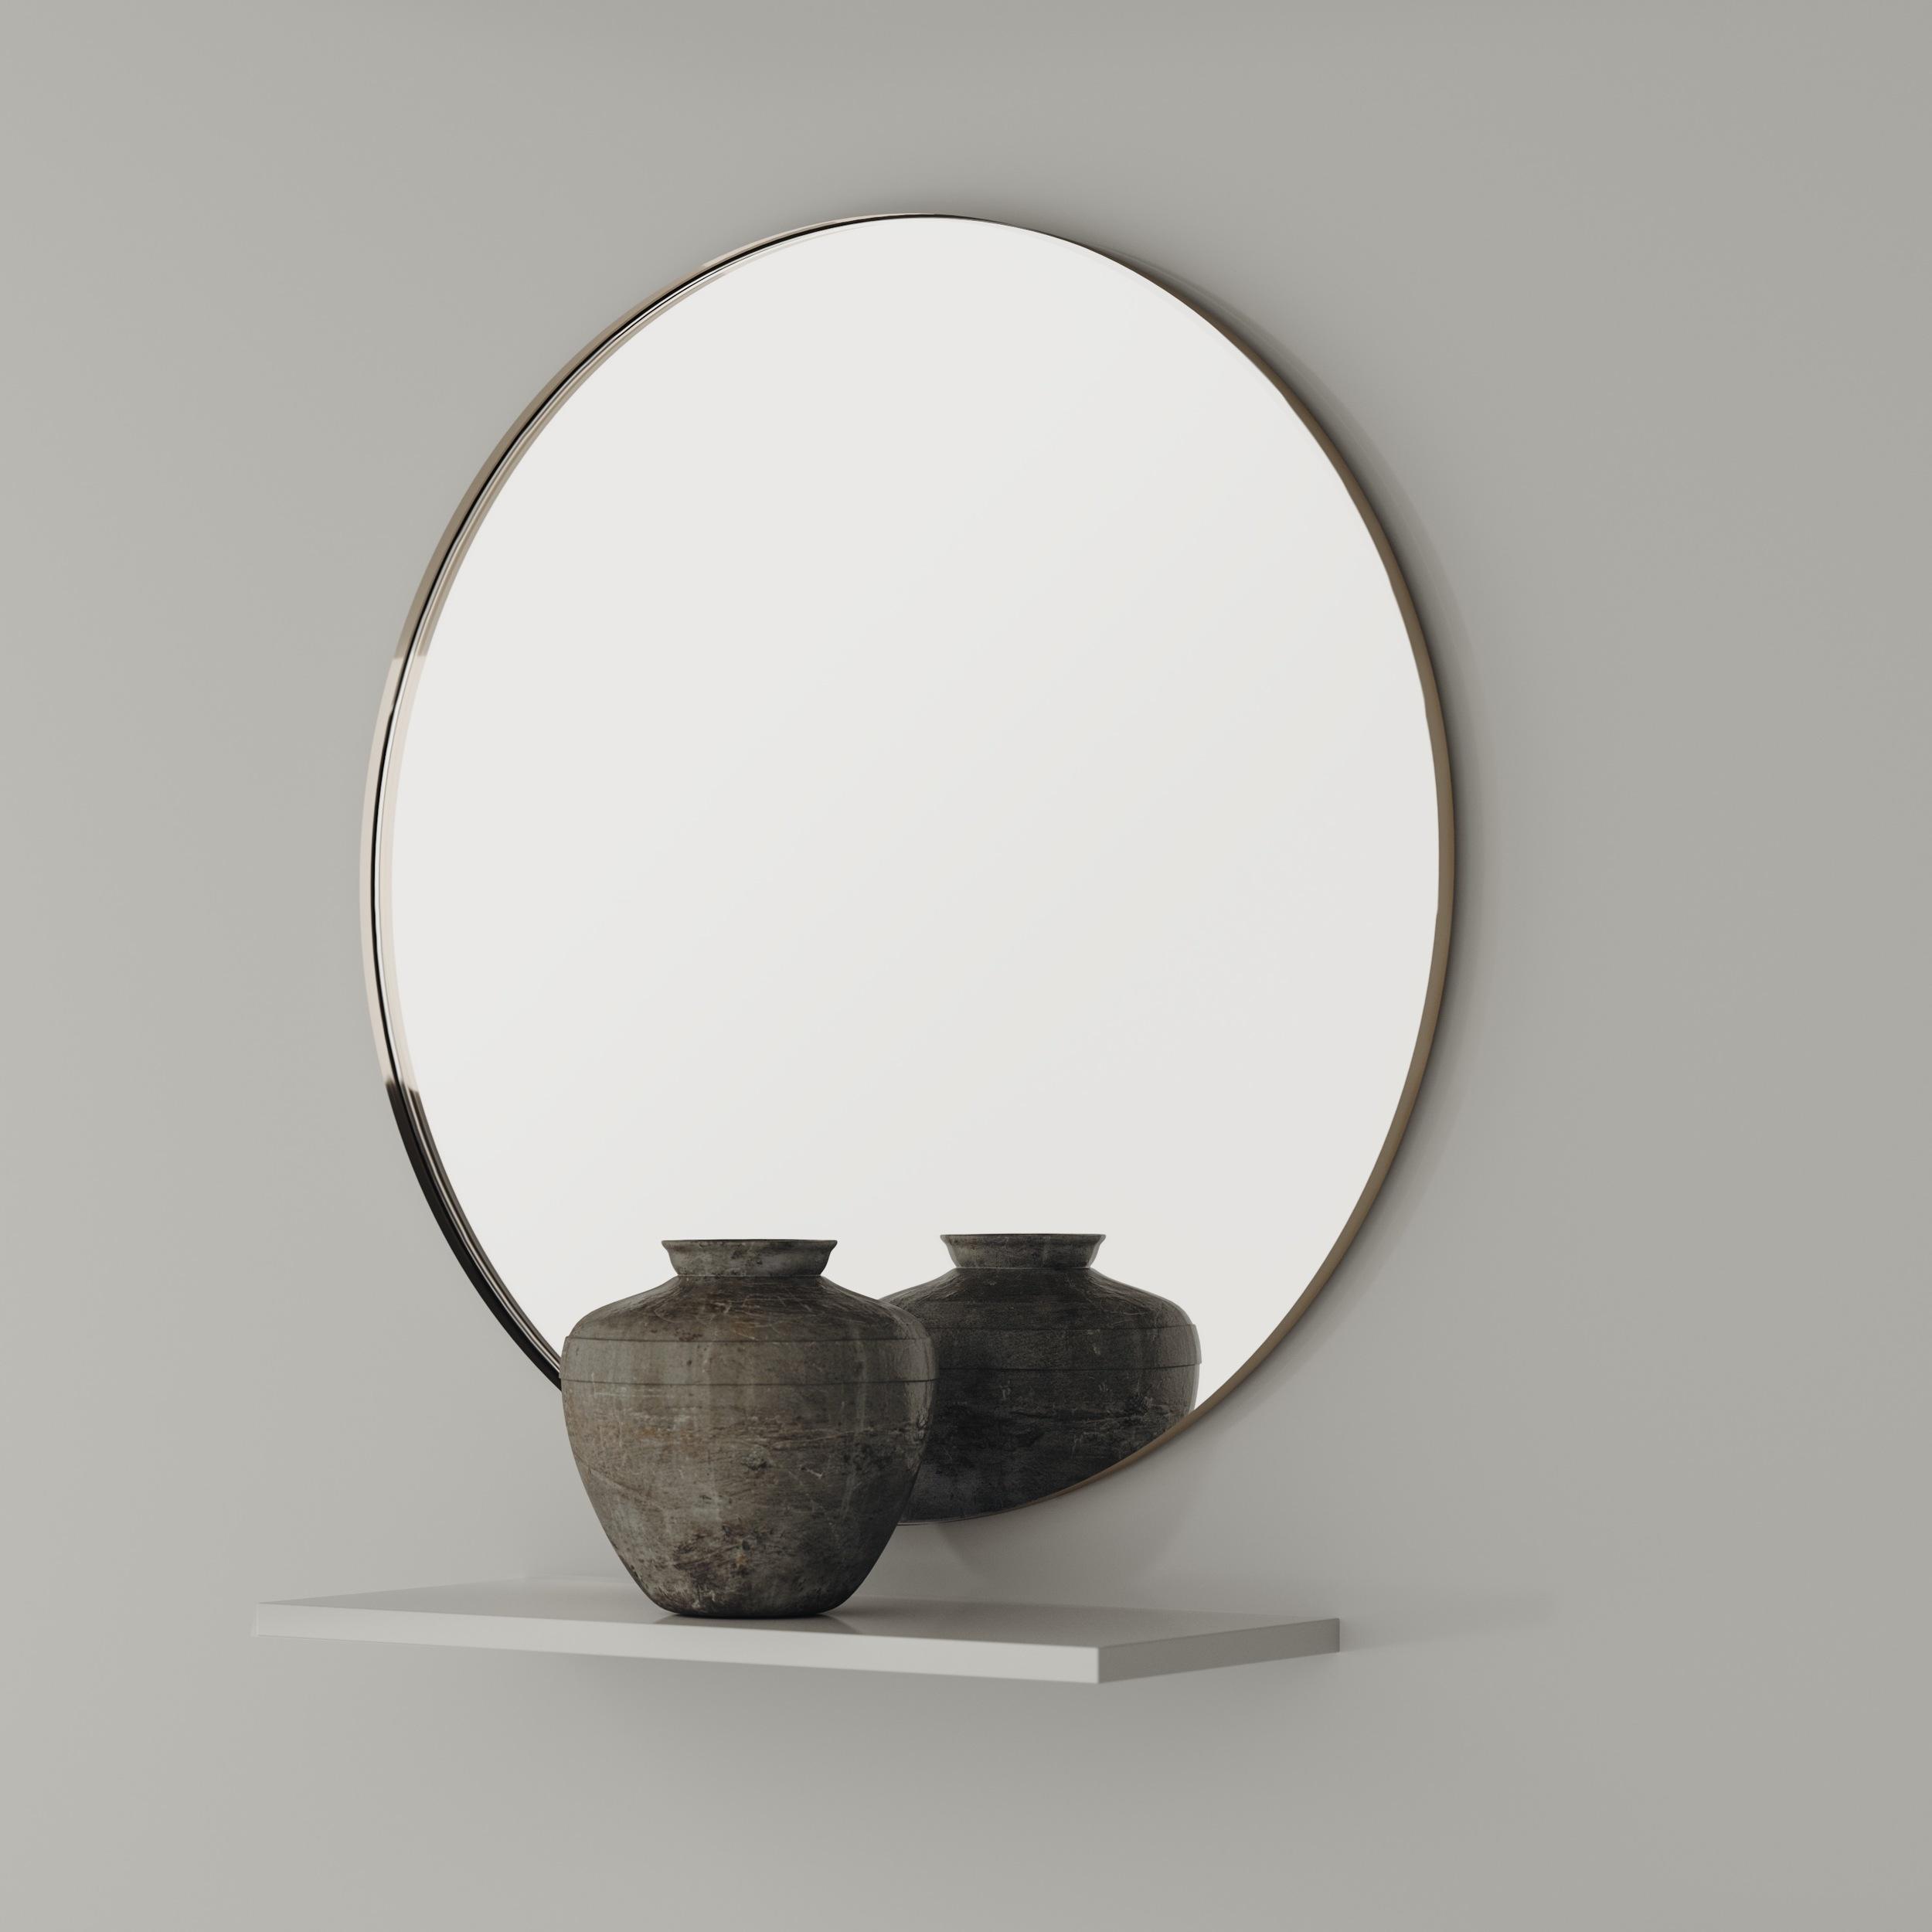 Round mirror with golden frame